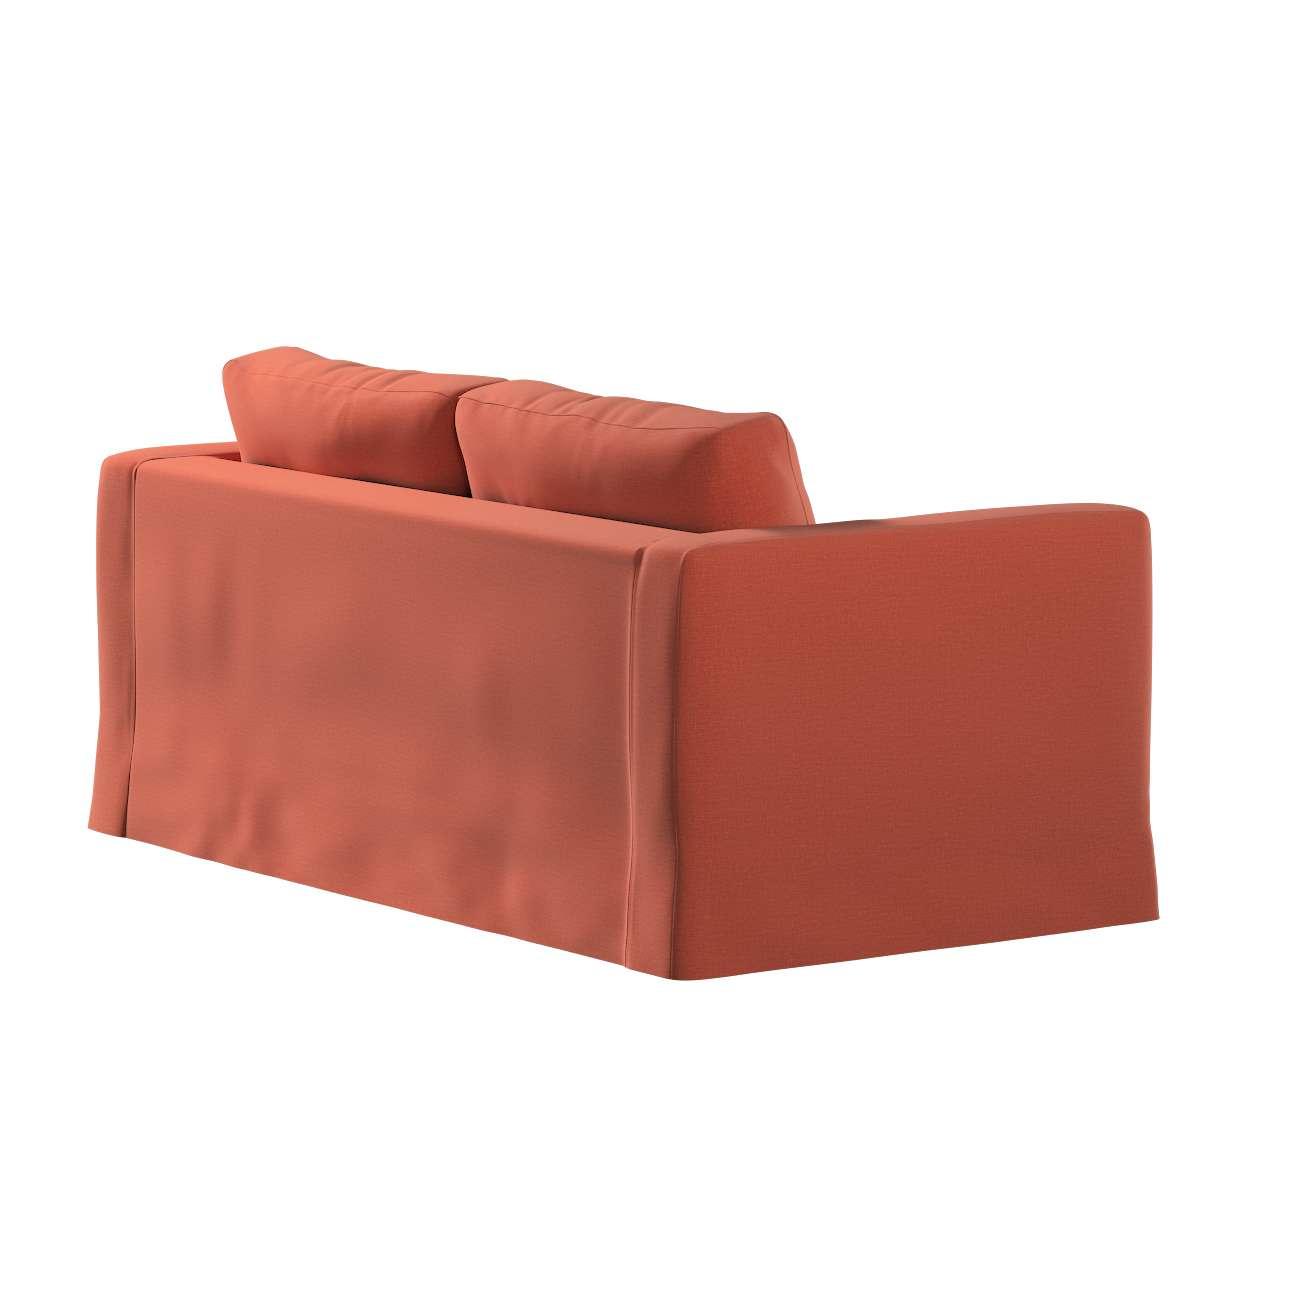 Pokrowiec na sofę Karlstad 2-osobową nierozkładaną długi w kolekcji Ingrid, tkanina: 705-37